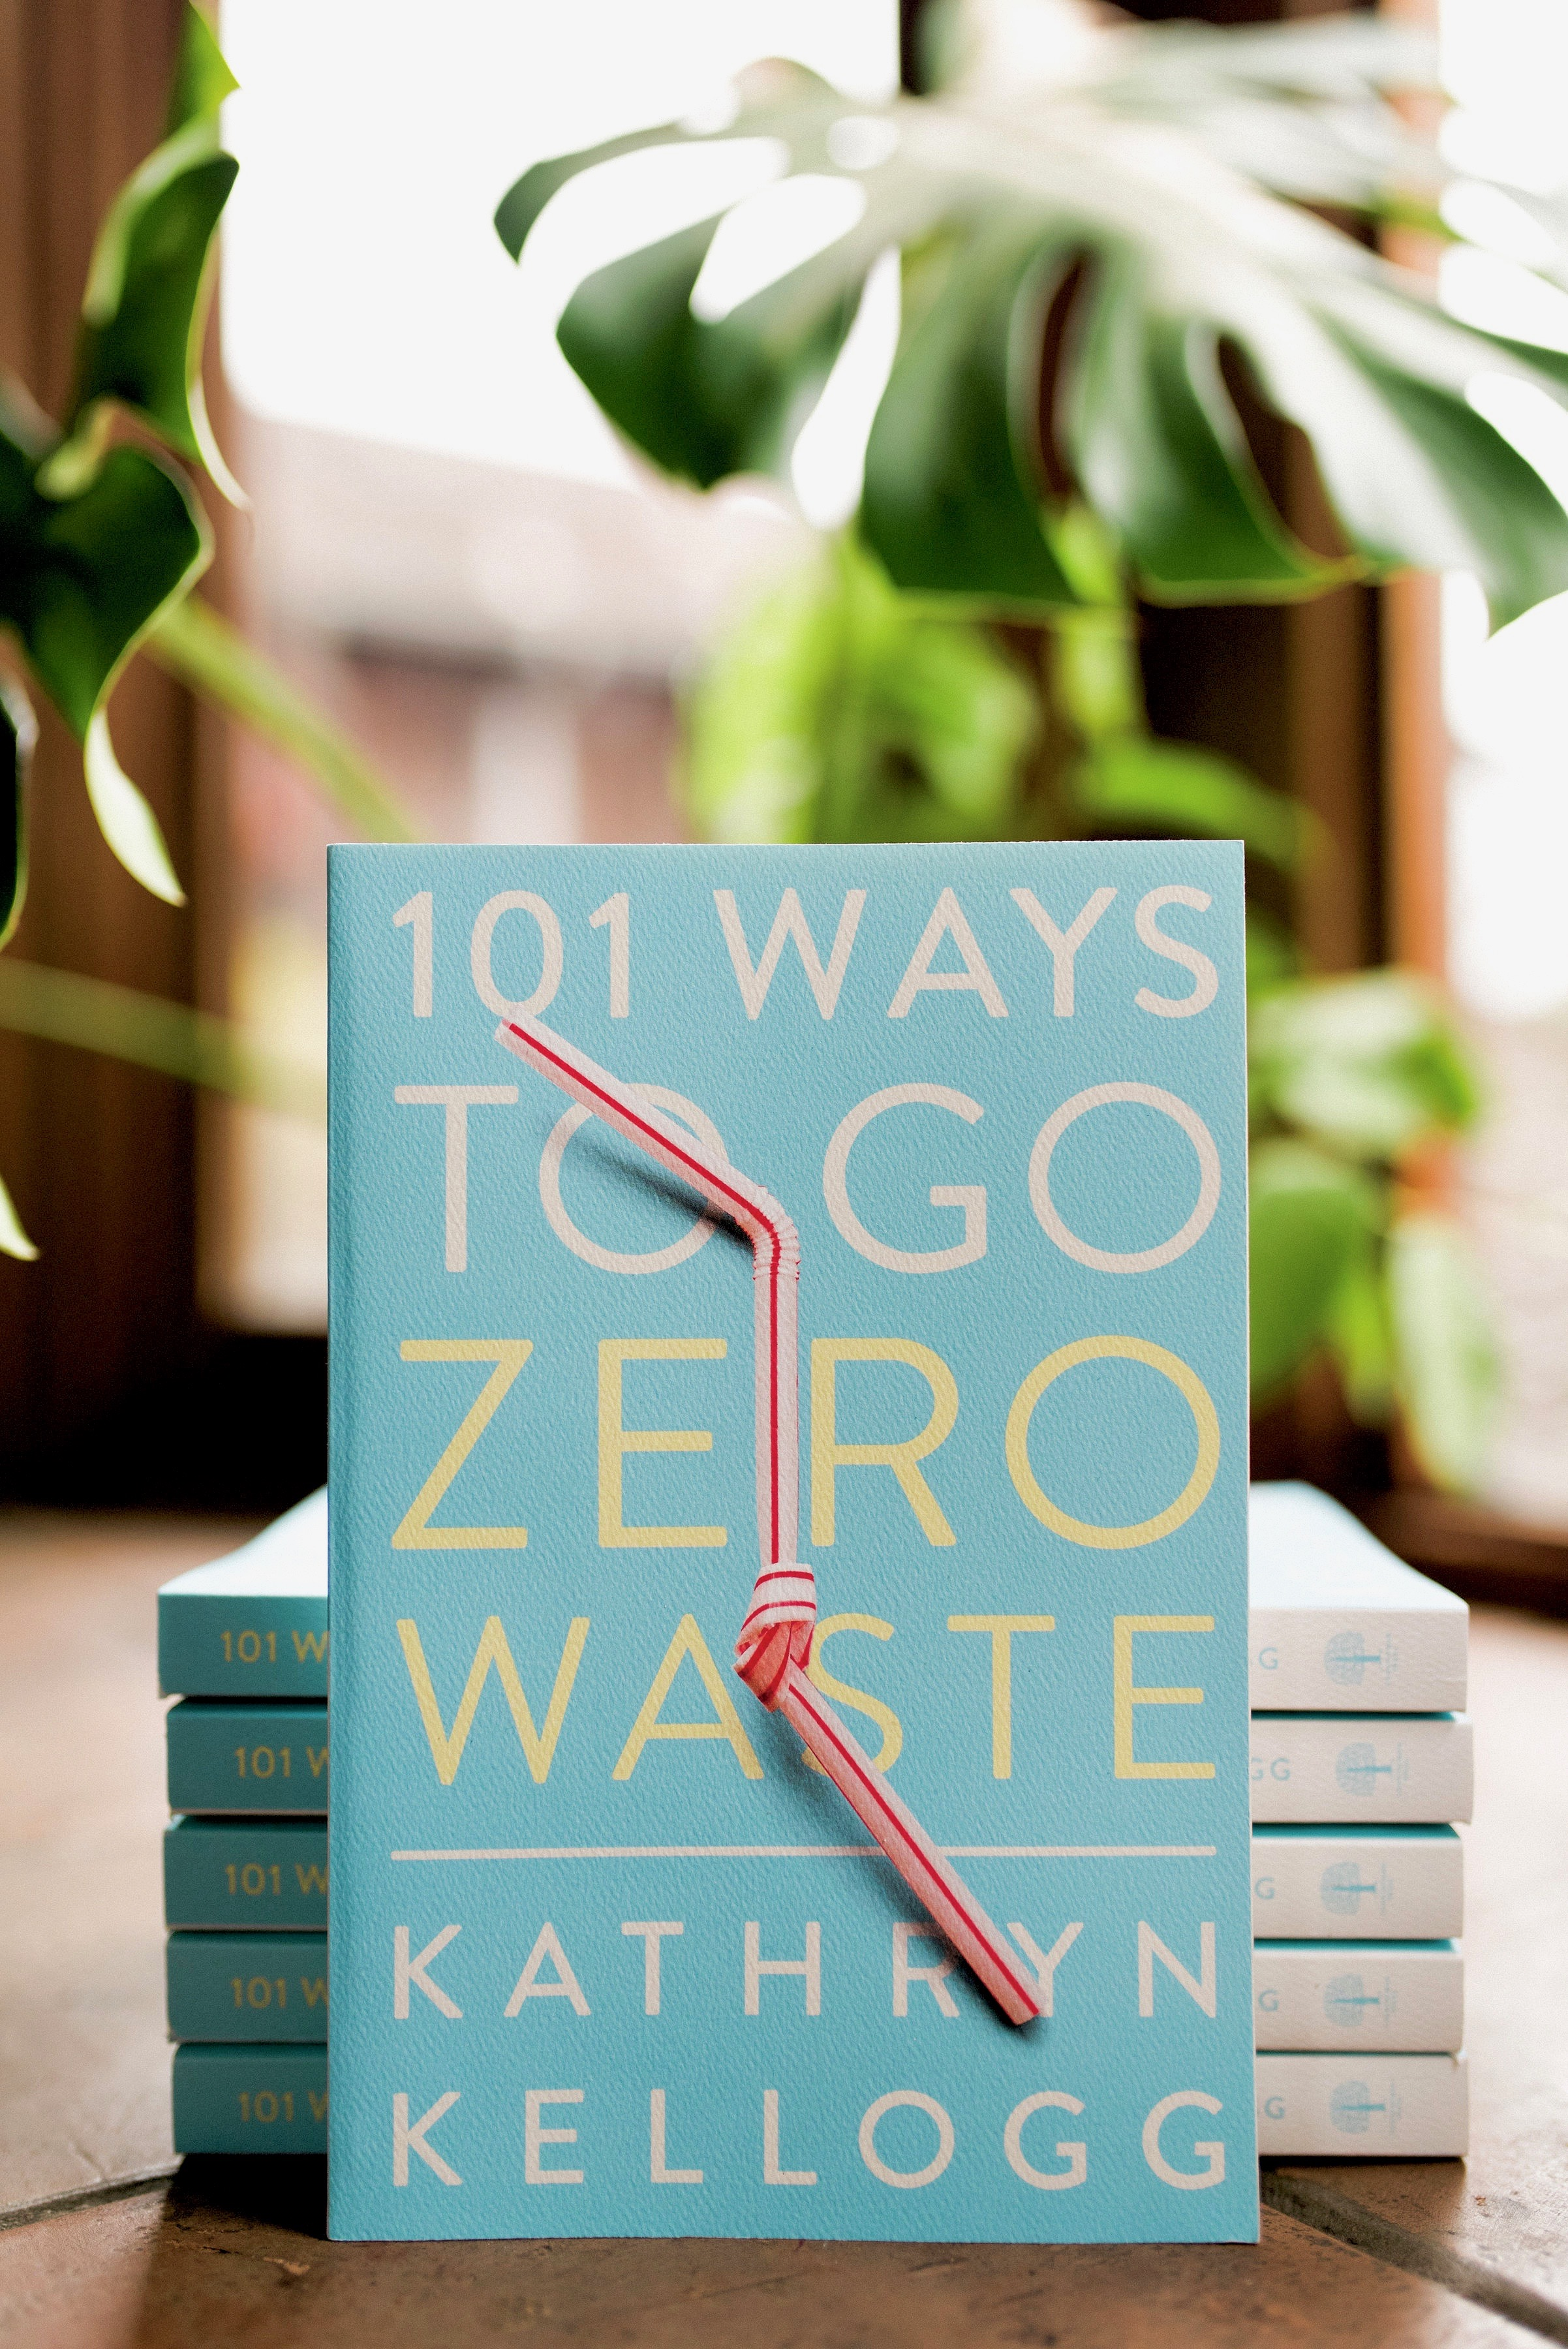 101 Ways to Go Zero Waste from www.goingzerowaste.com #zerowaste #ecofriendly #sustainable